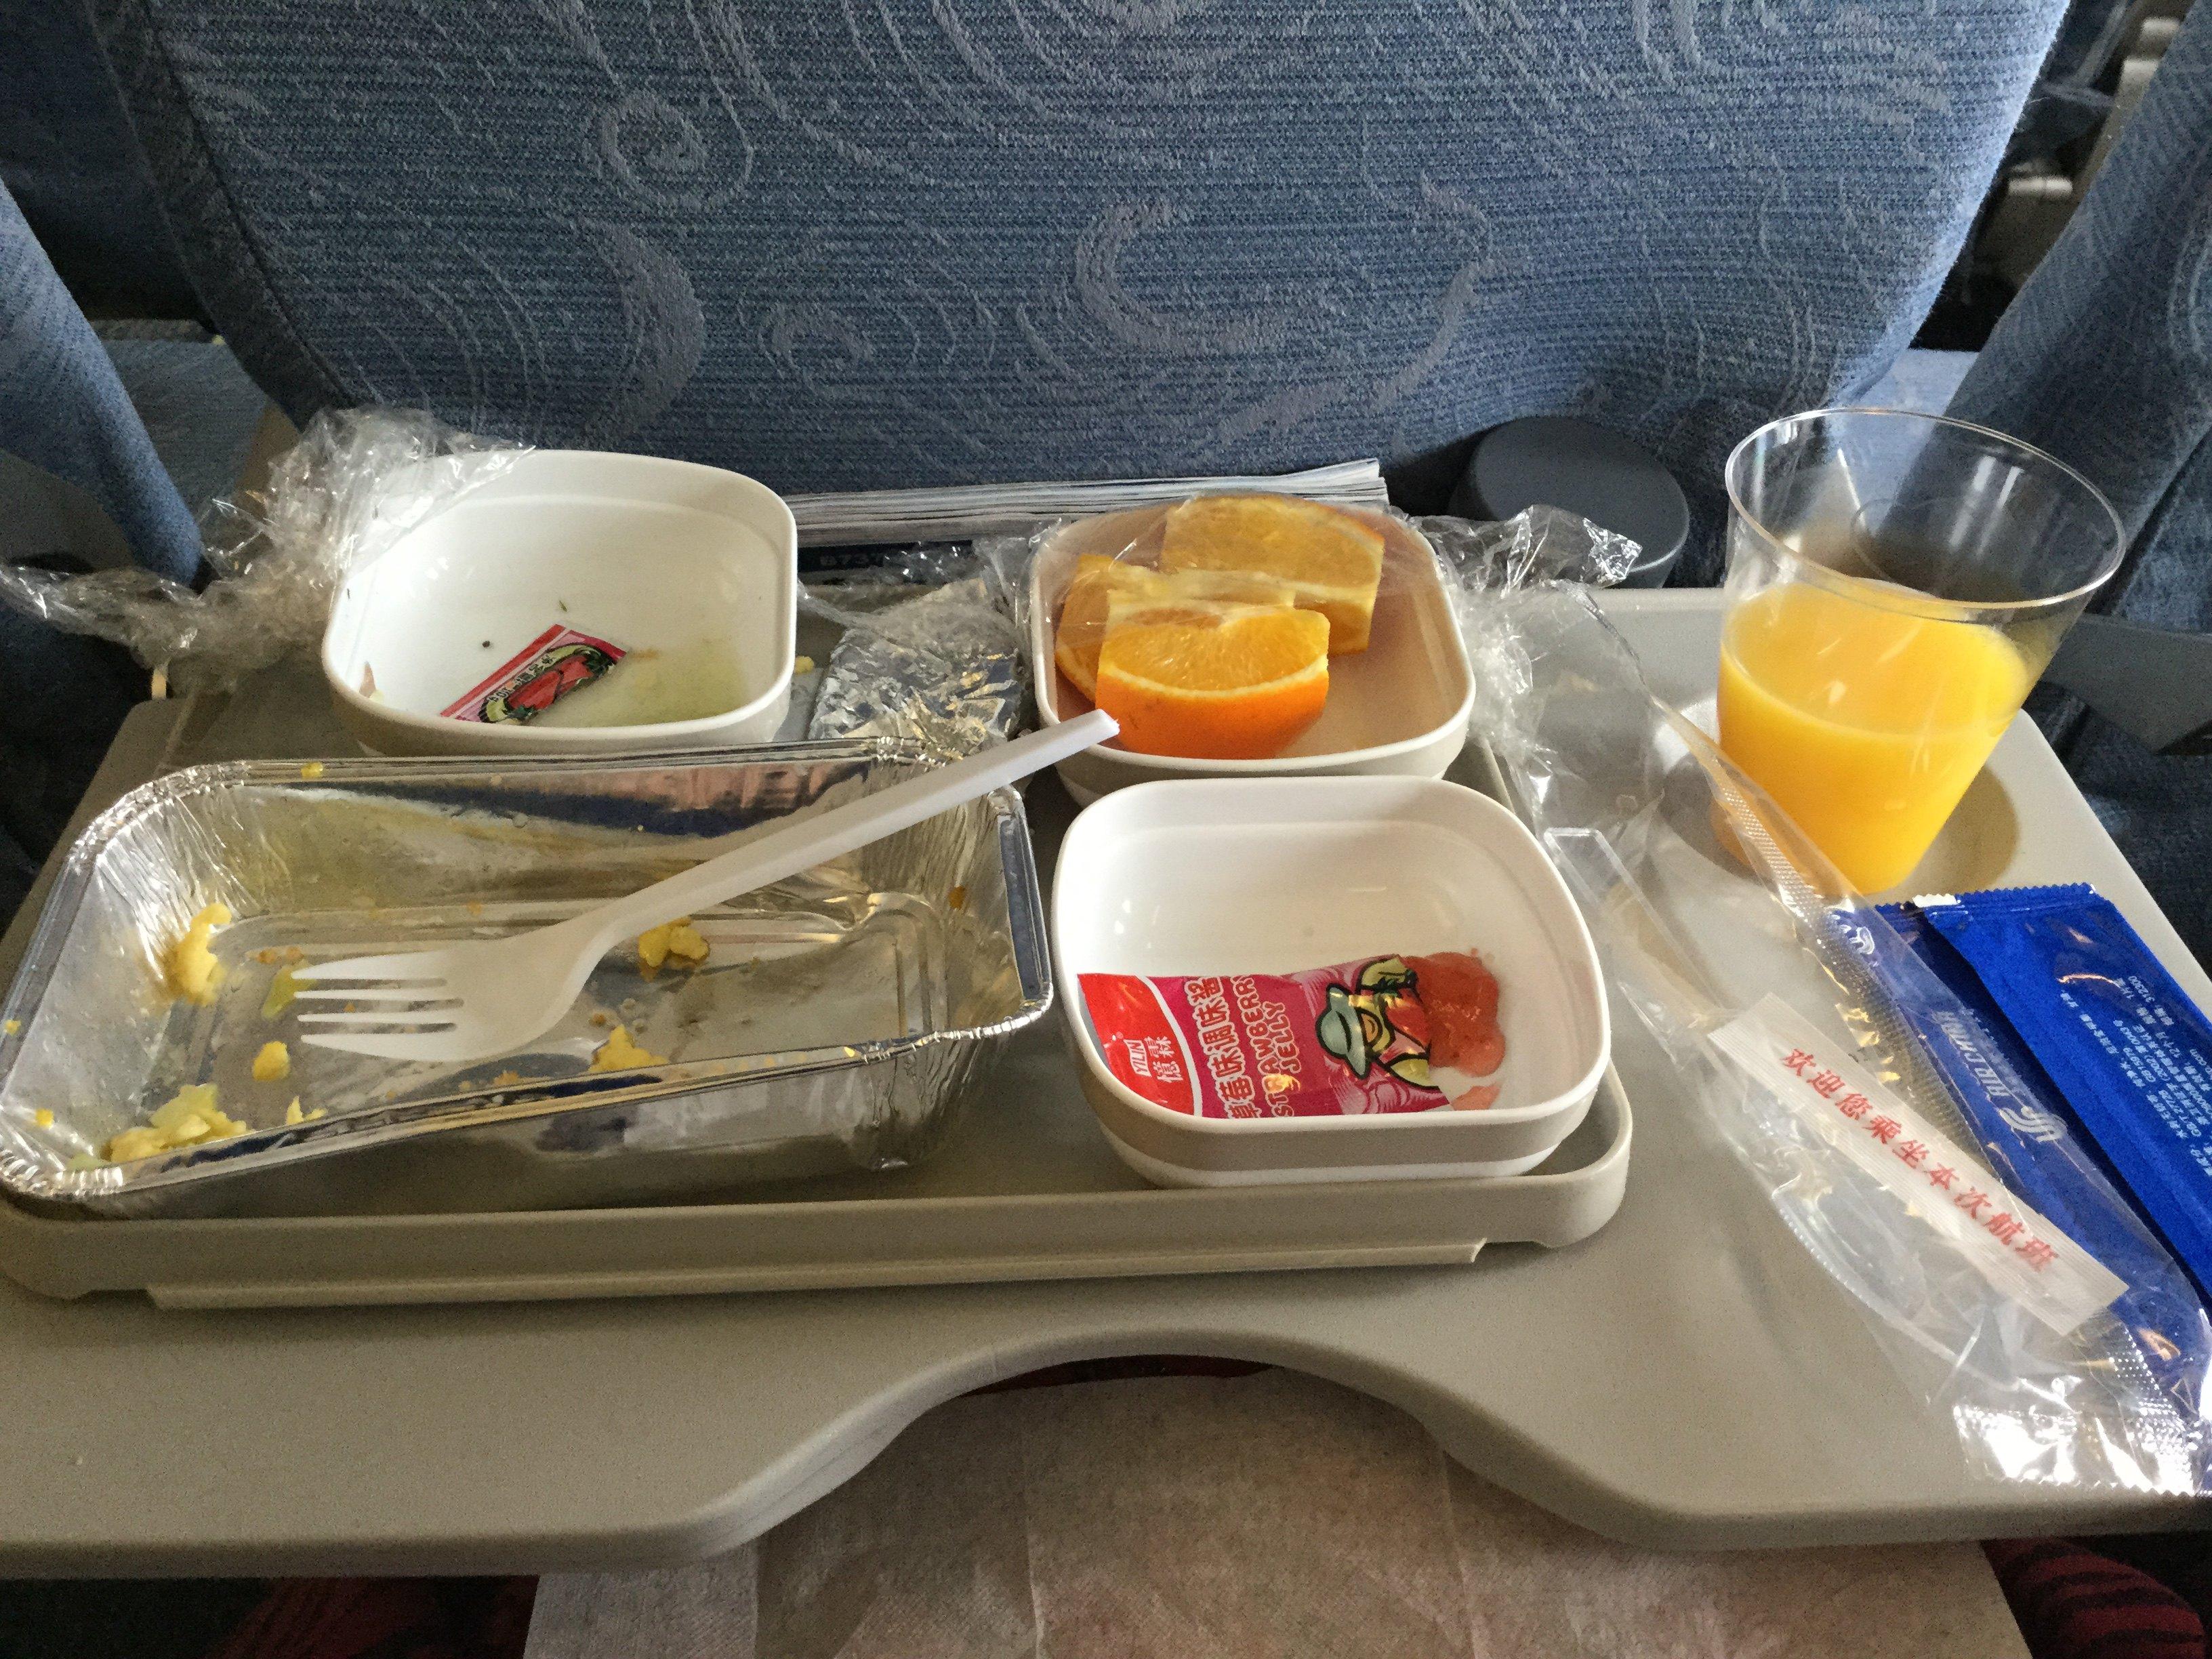 睡的迷迷糊糊的时候,飞机上开始发放免费早餐,虽然早上五点钟起来已经